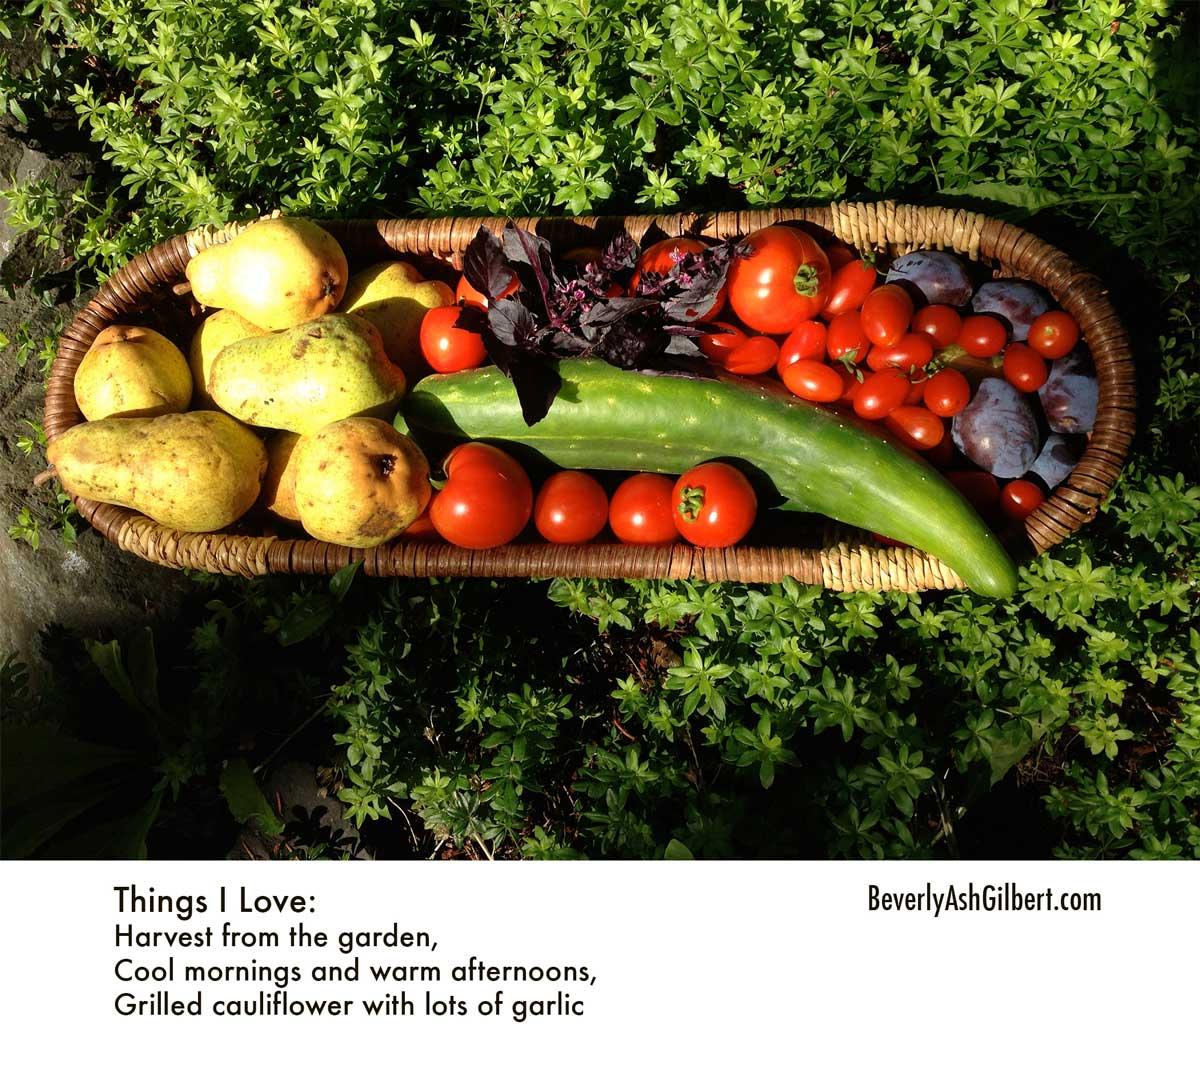 ThingsILove_GardenHarvest.jpg